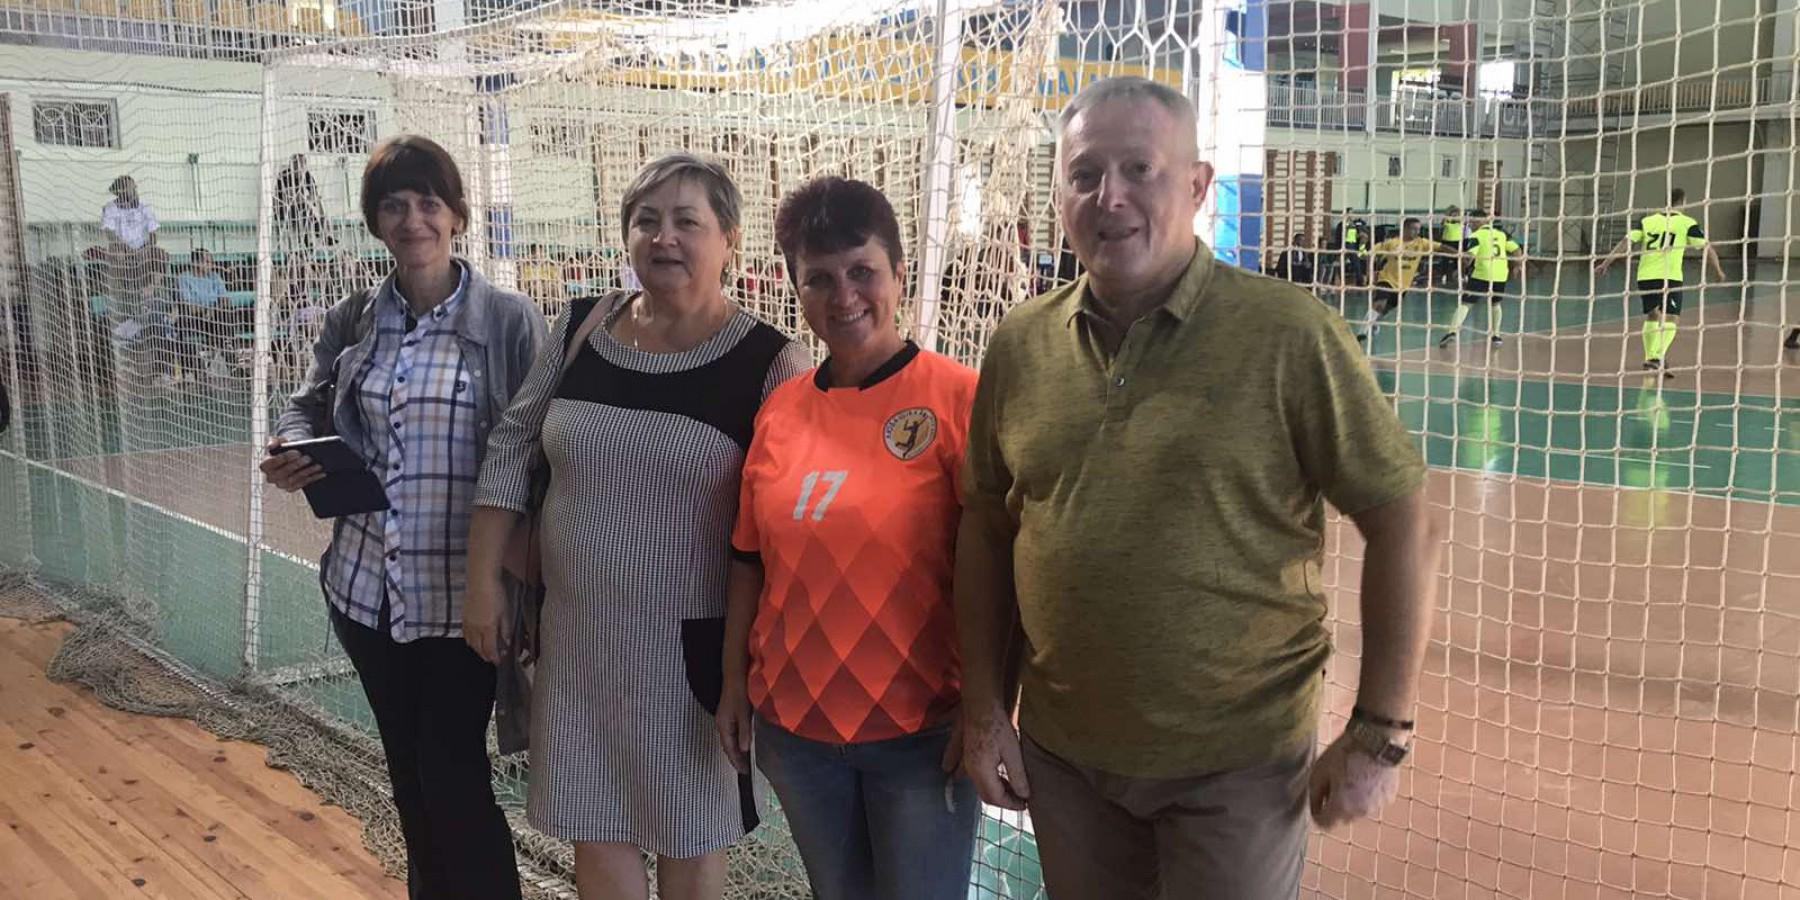 Збірна команда Любашівської селищної ради прийнялі участь у спартакіаді дерслужбовців в Овідіополі